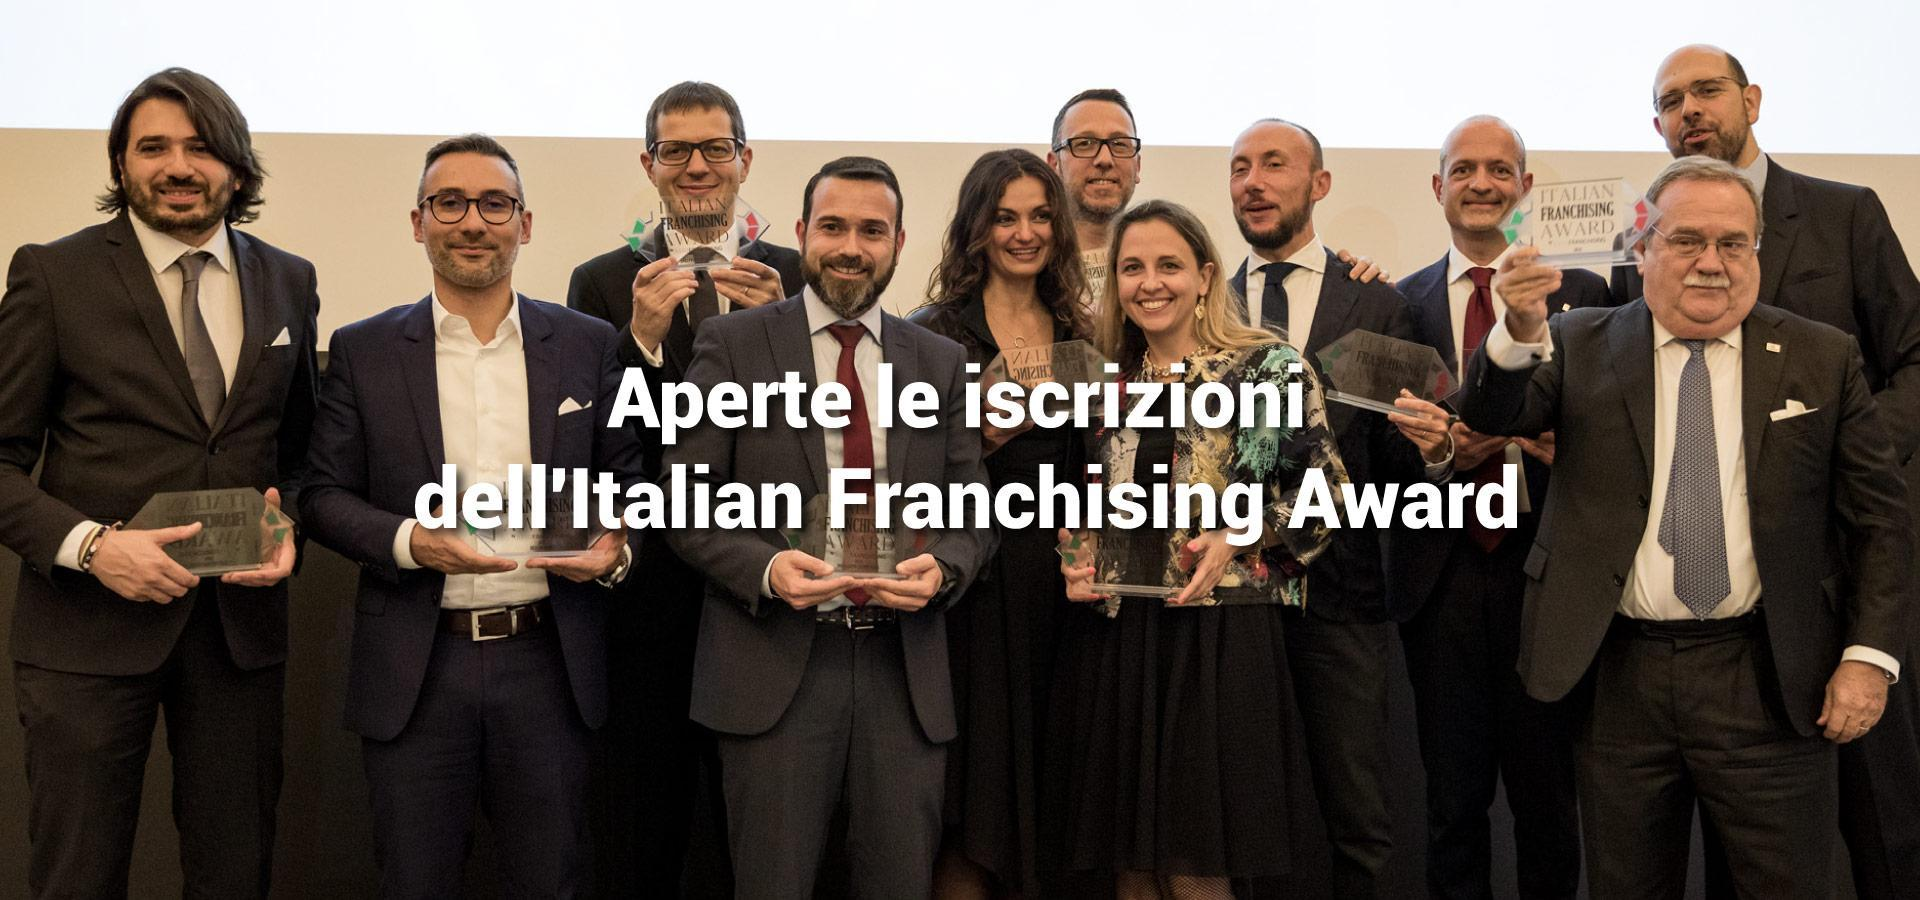 carosello-award-2019-2